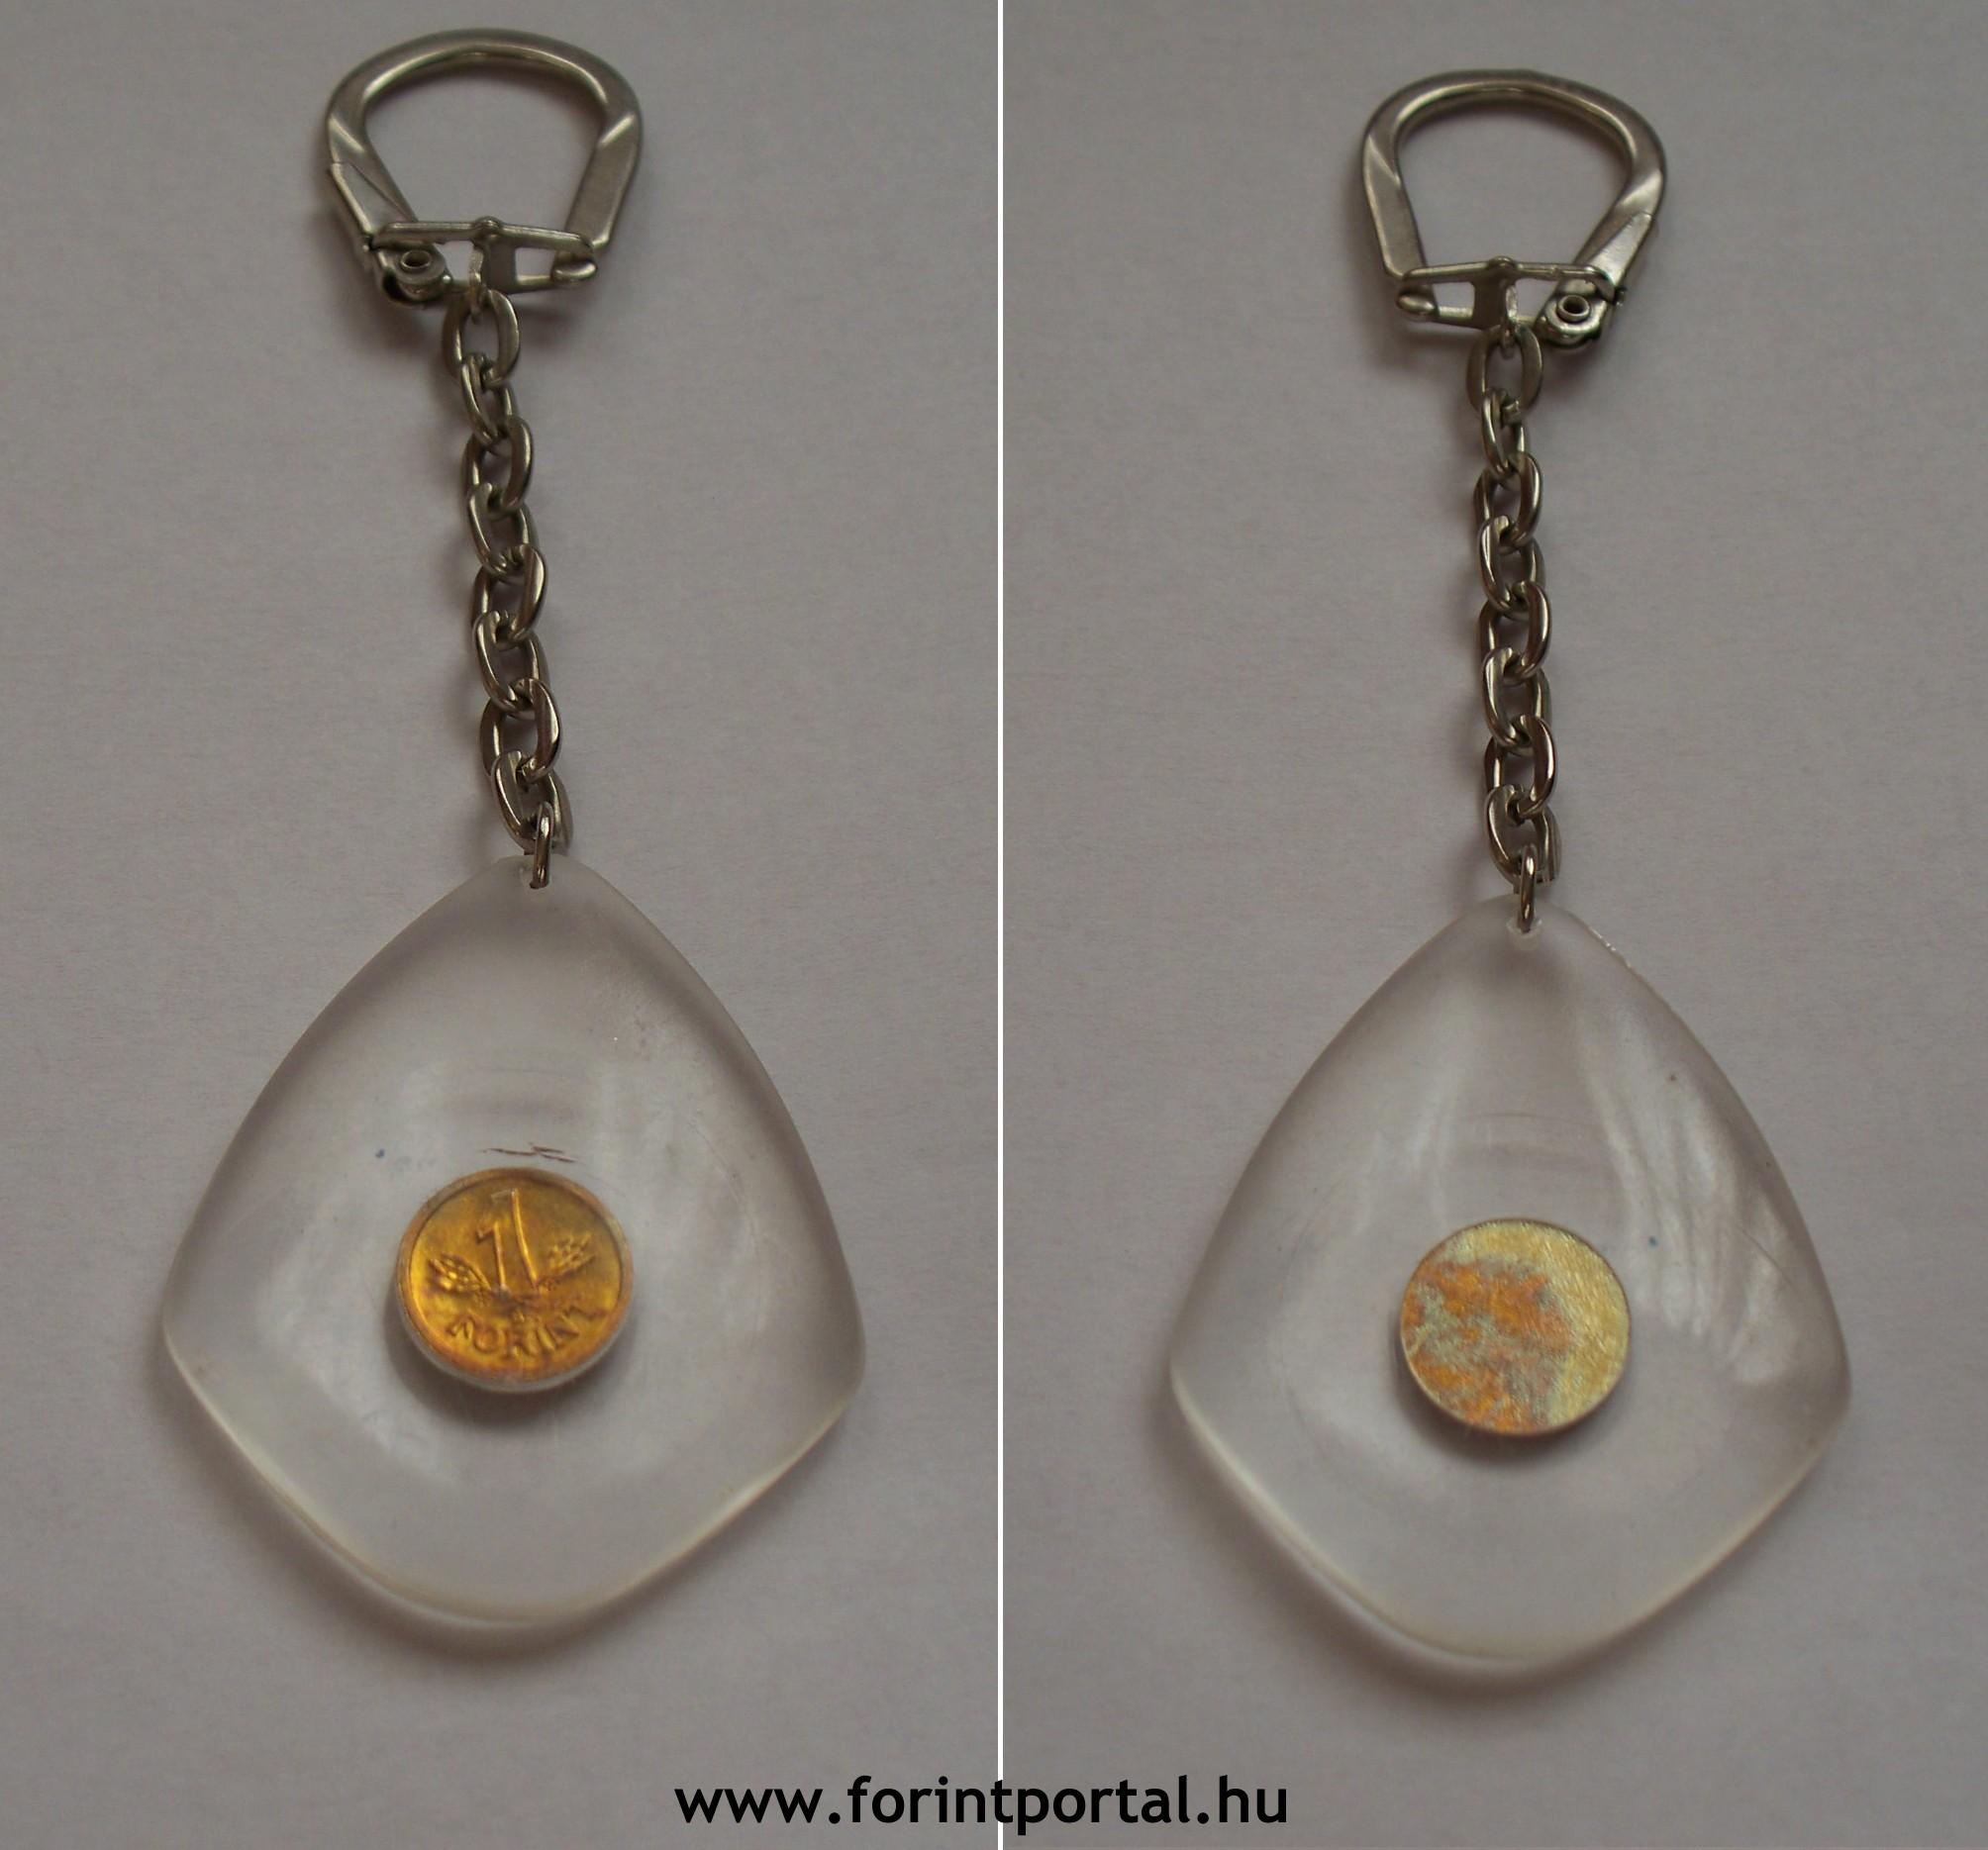 http://www.forintportal.hu/hirek/mini-1-forintos-kulcstartok/mini-1-forintos-kulcstartok-apv-allami-penzvero-sargarez-egyoldalas-plexi-csepp-1ft.jpg